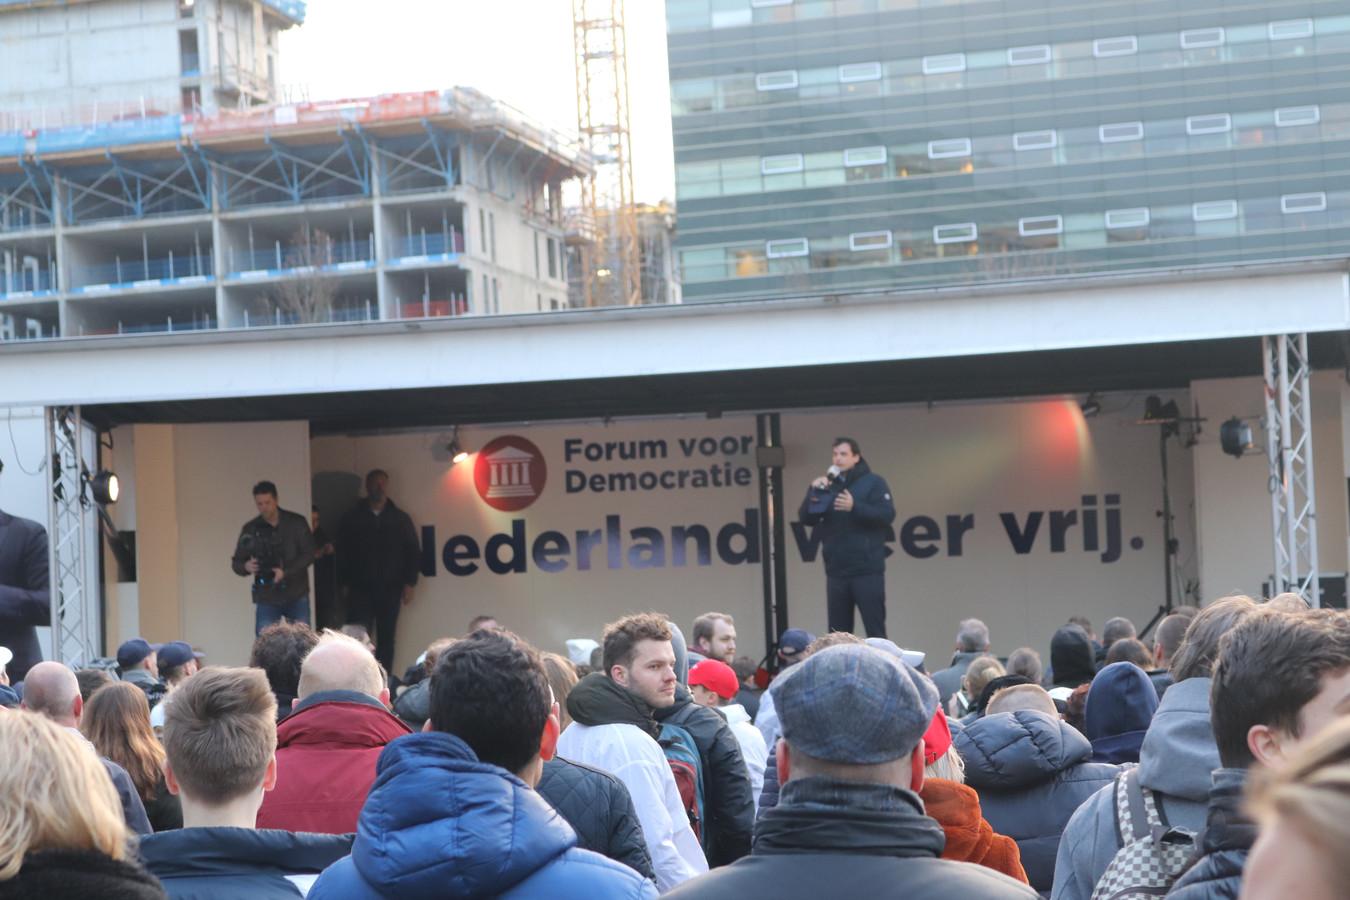 Forum voor Democratie-leider Thierry Baudet tijdens de bijeenkomst in Utrecht.